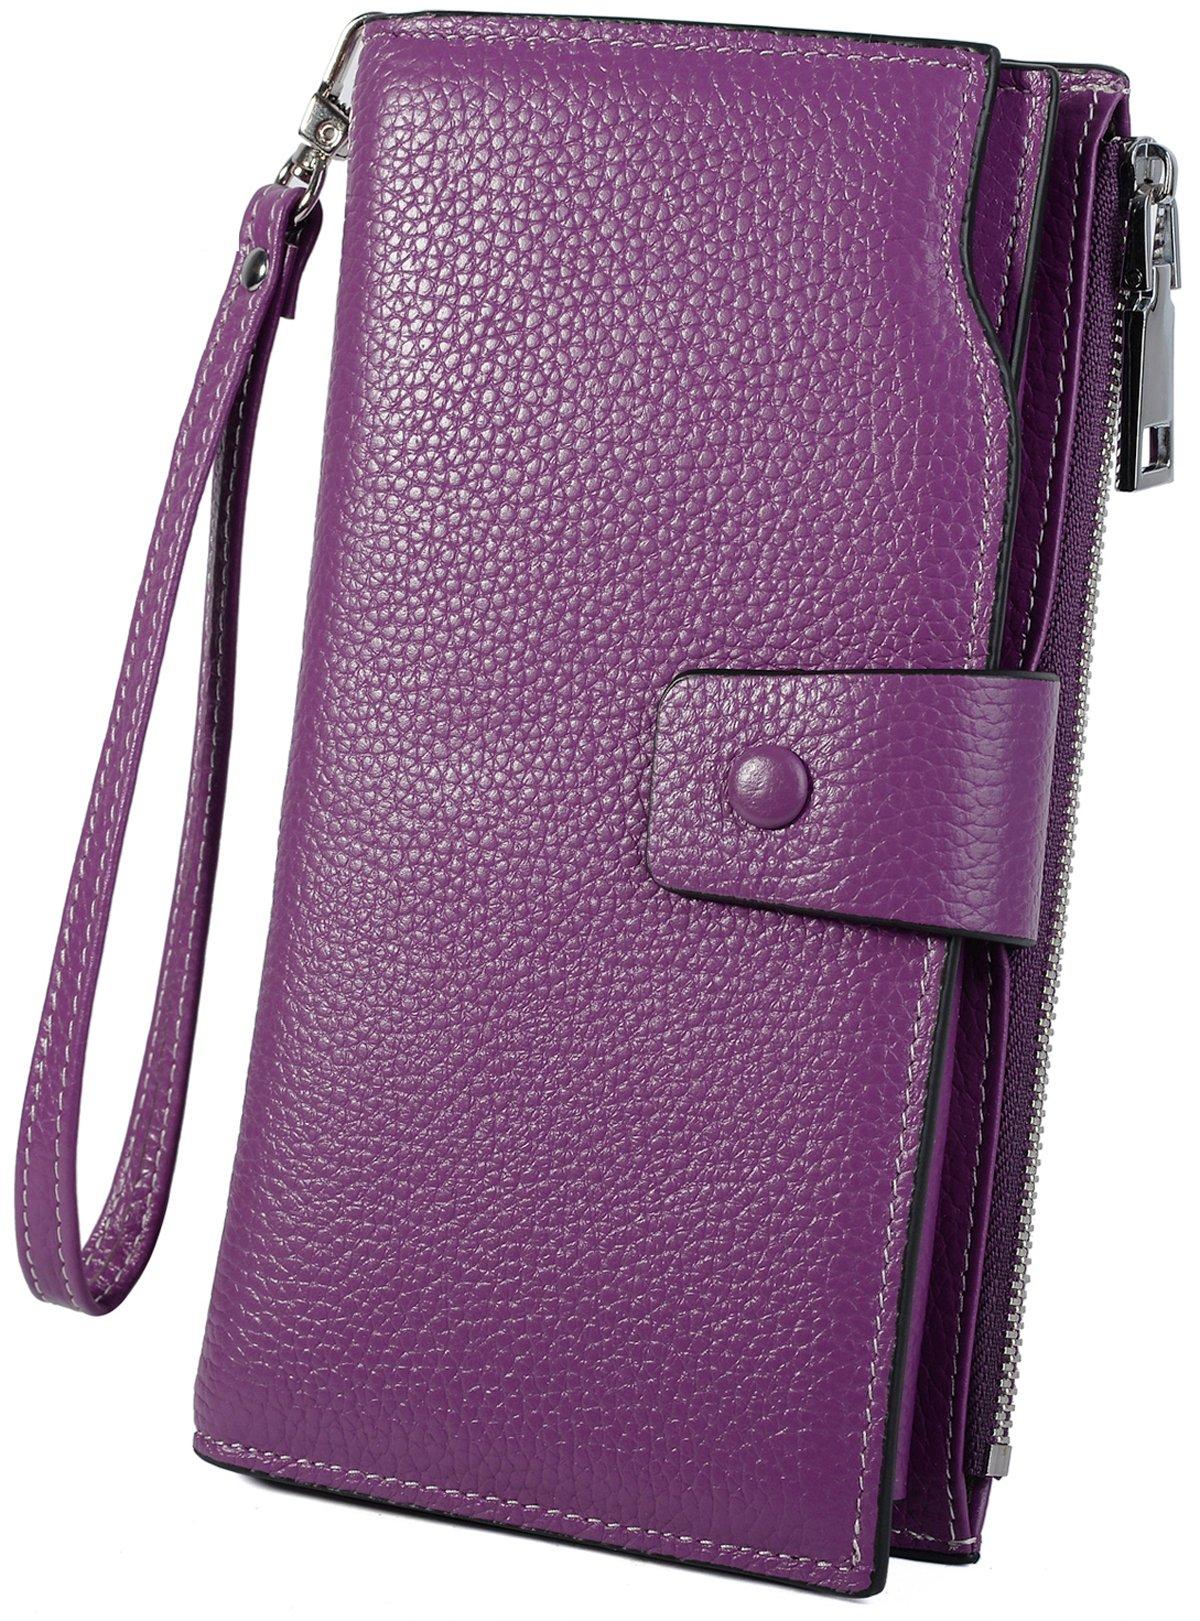 YALUXE Women's Wax Genuine Leather RFID Blocking Clutch Wallet Wallets for Women Purple